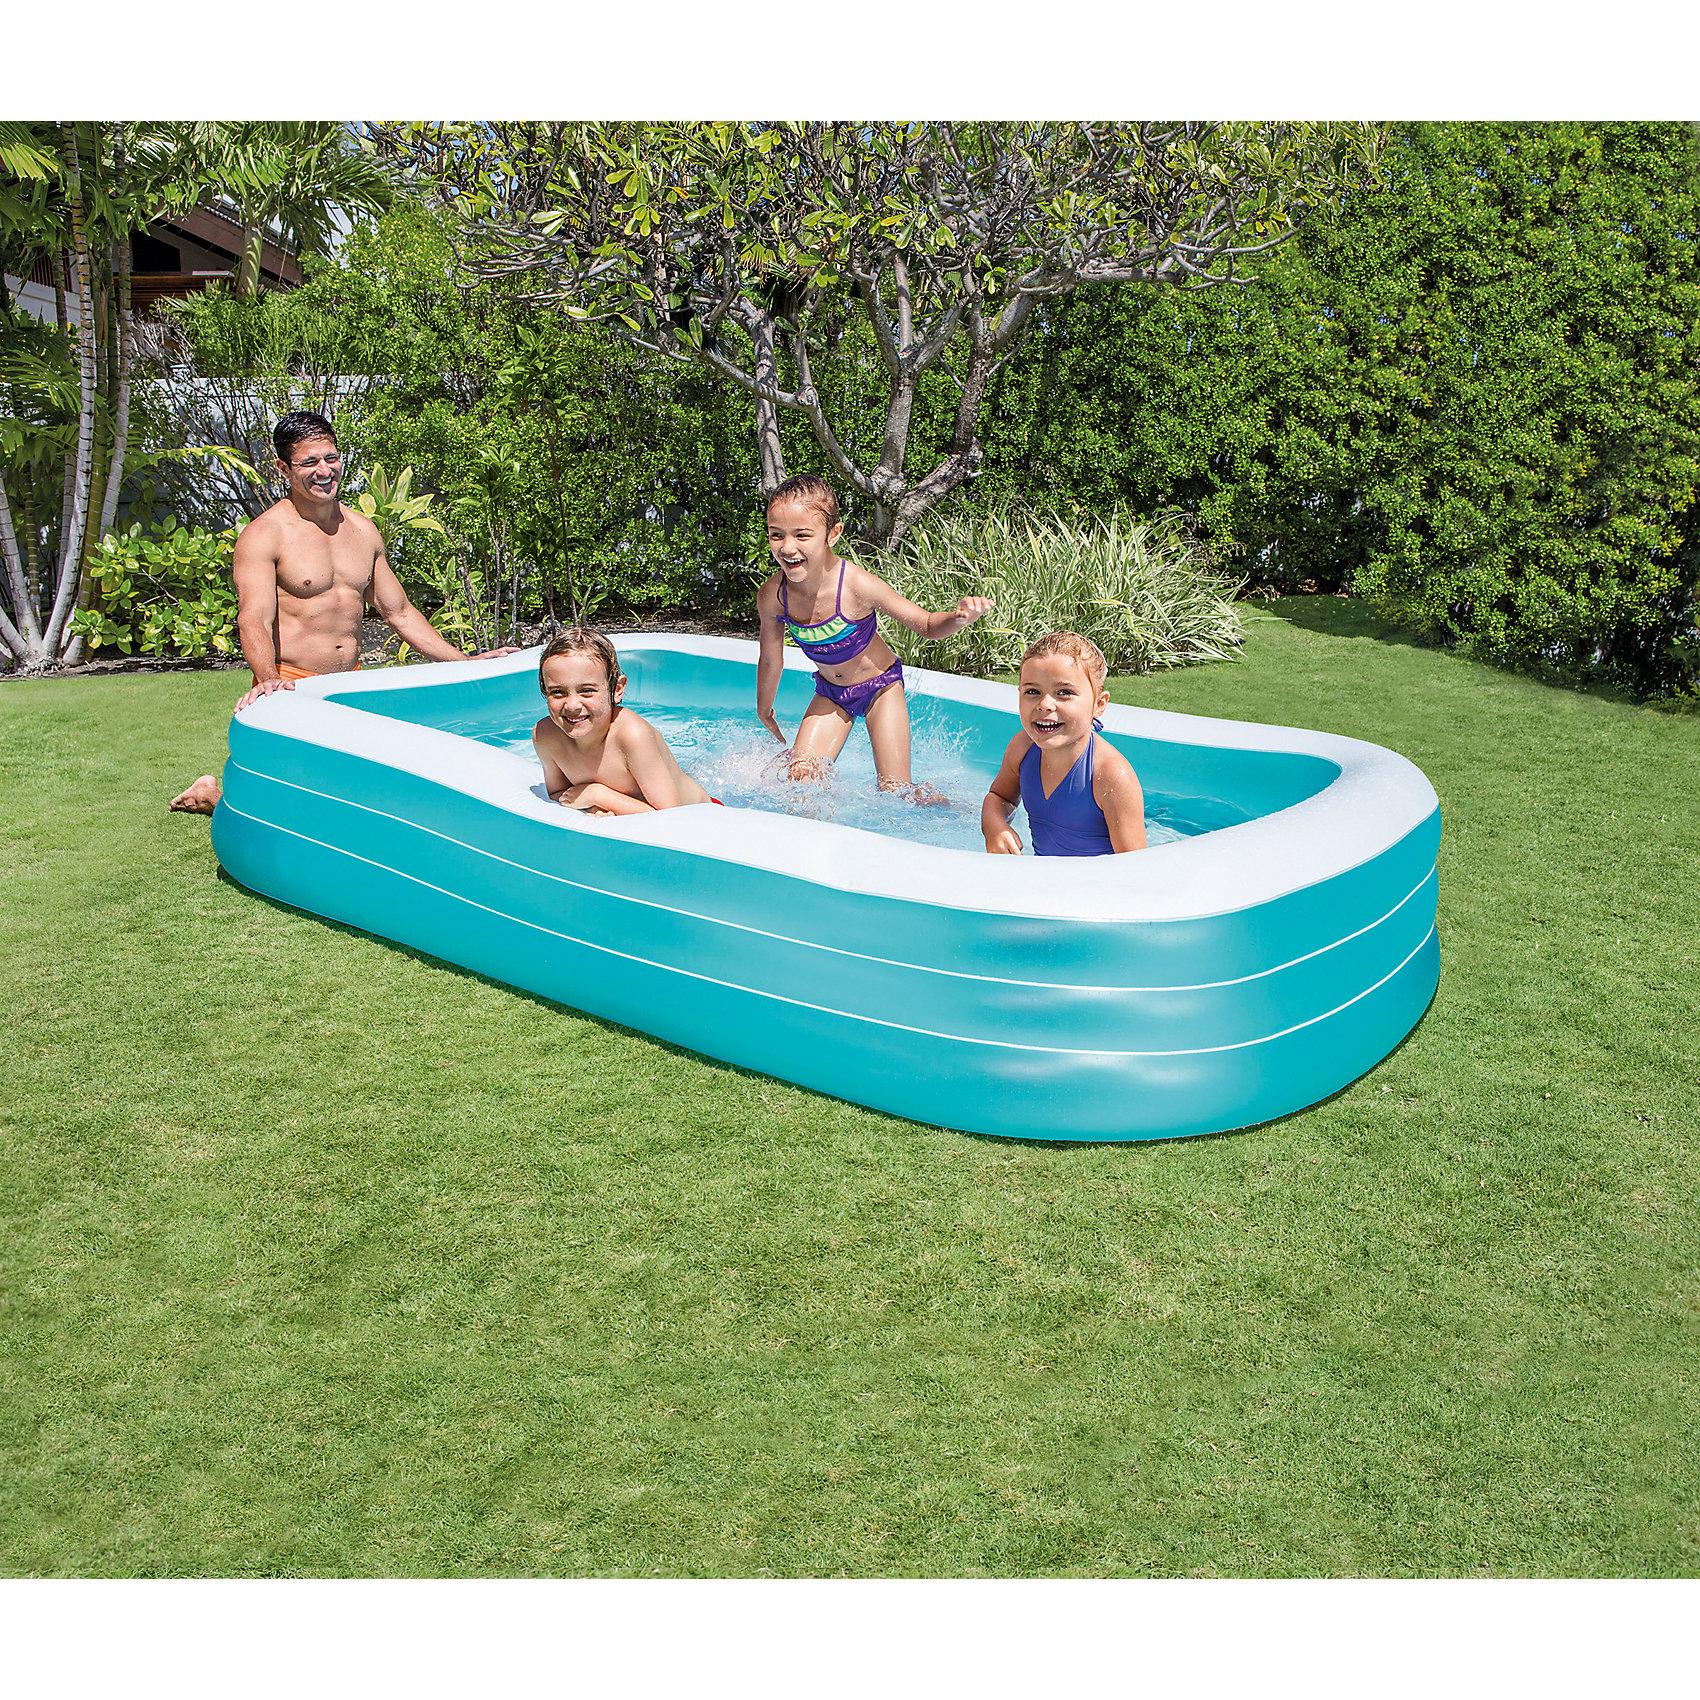 Детский надувной бассейн, IntexБассейны<br>Характеристики товара:<br><br>• размер бассейна: 305x185x56 см<br>• материал: винил<br>• вес: 8.5 кг.<br><br>Детский надувной бассейн, Intex  (Интекс) позволит прекрасно отдохнуть в жаркий день.  <br><br>Бассейн сделан из прочного винила, имеет 3 воздушные камеры с двойными клапанами. <br><br>В нем могут купаться несколько детей и взрослых одновременно. <br><br>Для удобного слива воды предусмотрен водоотвод в дне бассейна.<br><br>Детский надувной бассейн, Intex  (Интекс) можно купить в нашем интернет-магазине.<br><br>Ширина мм: 464<br>Глубина мм: 411<br>Высота мм: 137<br>Вес г: 7074<br>Возраст от месяцев: 72<br>Возраст до месяцев: 1164<br>Пол: Унисекс<br>Возраст: Детский<br>SKU: 1692996